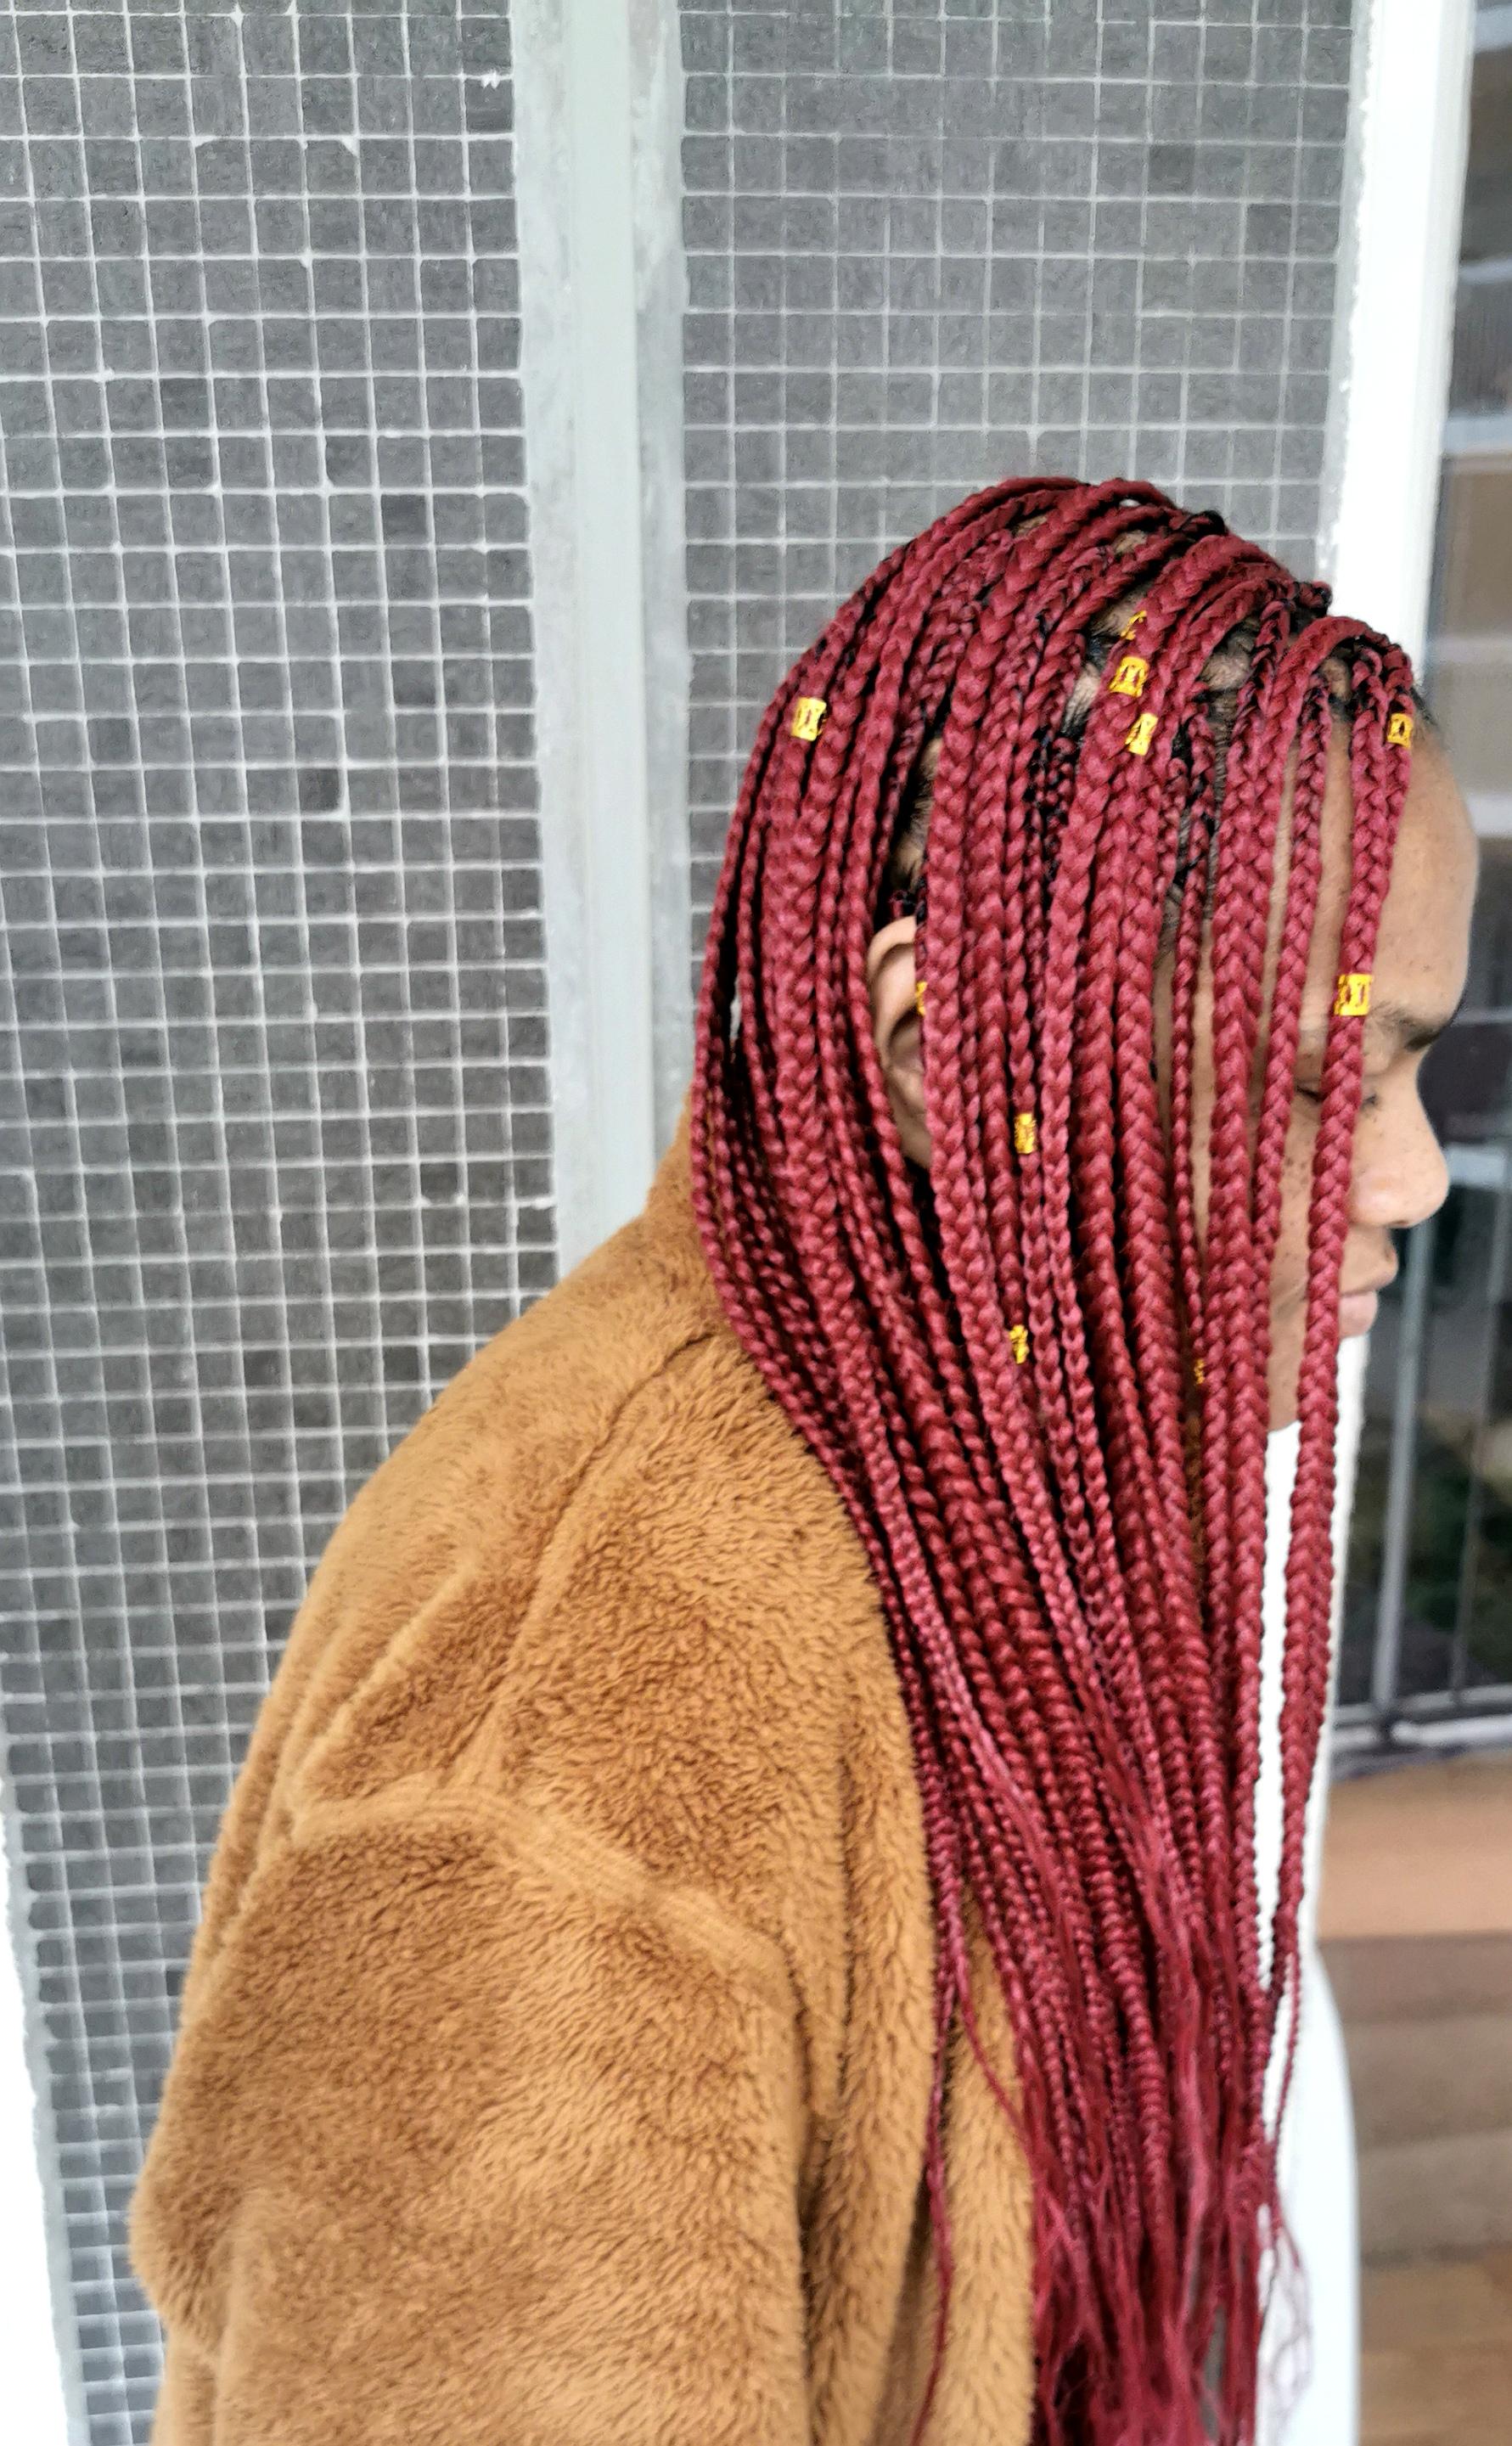 salon de coiffure afro tresse tresses box braids crochet braids vanilles tissages paris 75 77 78 91 92 93 94 95 LFVHNDTO